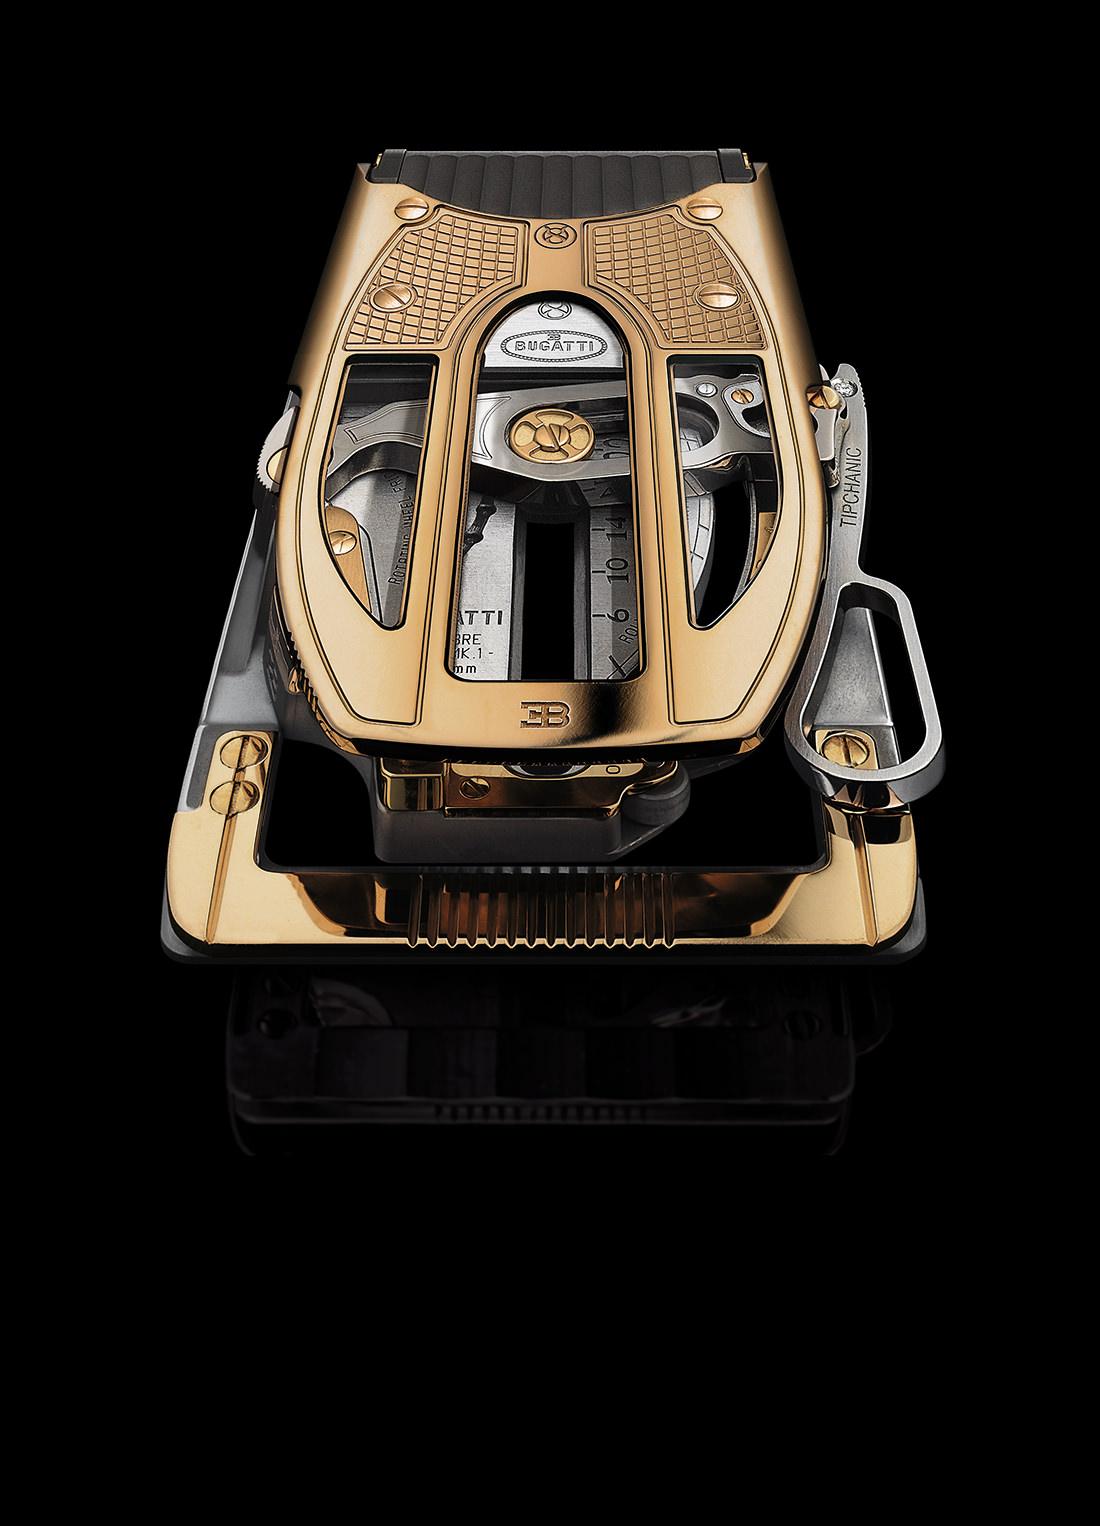 R22-bugatti-roland-iten-13